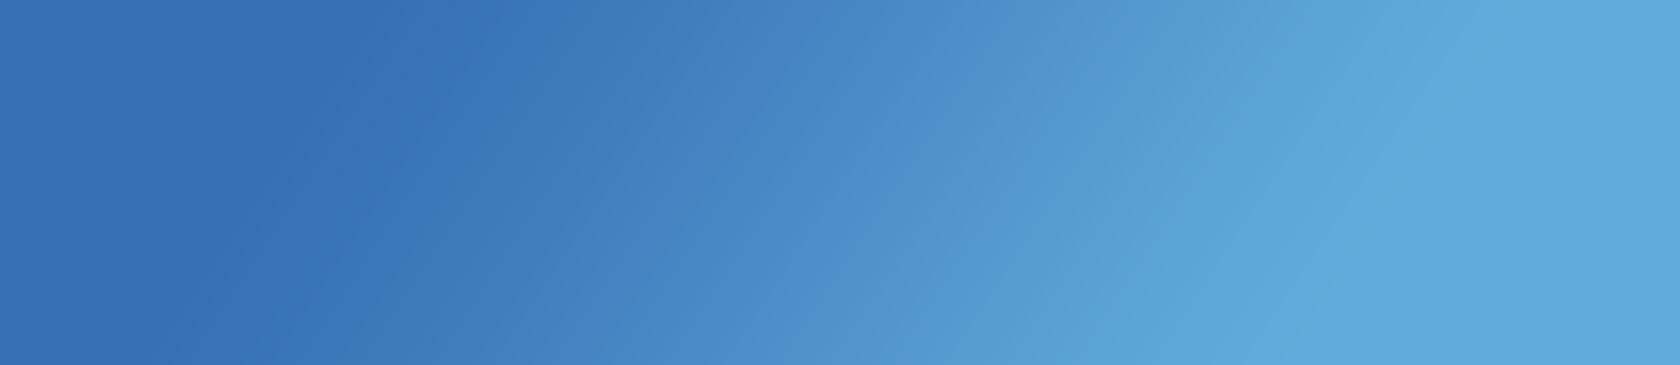 Ładne błękitne tło